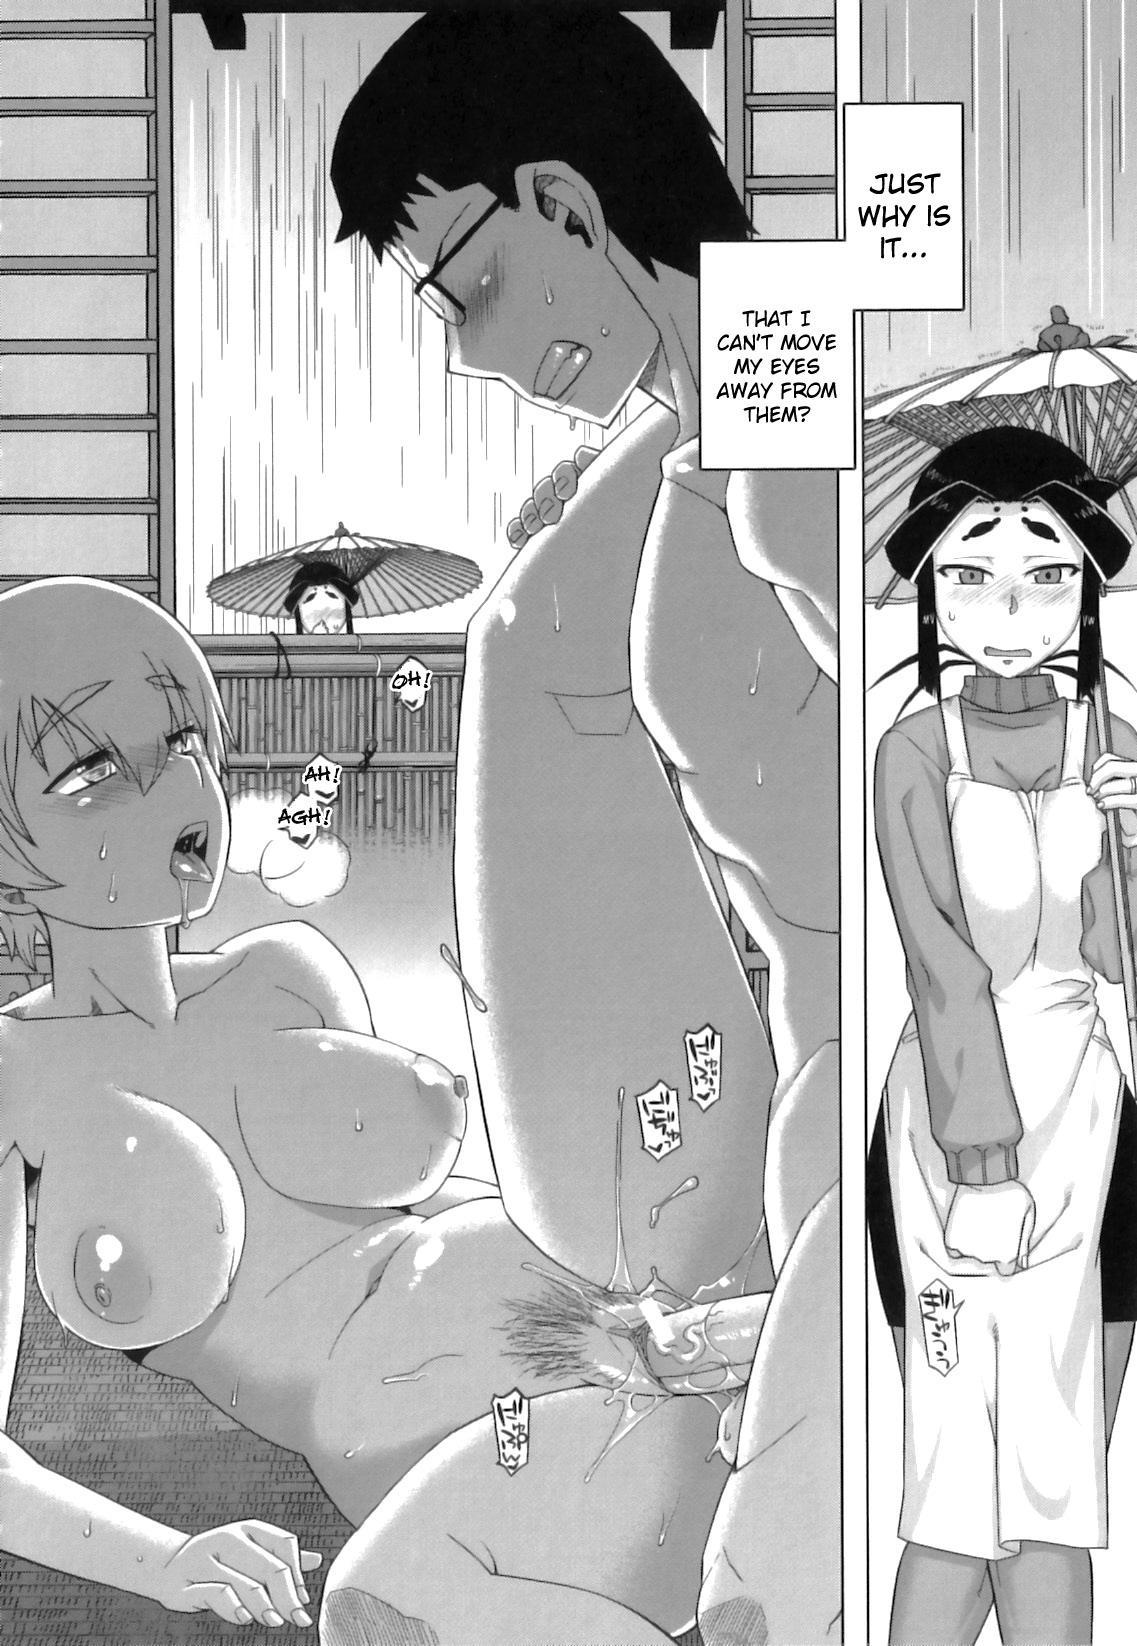 [Takatsu] DH! ~Himorogi Hyaku Yome Gatari~ | Demon-Hentai! - Shrine of One Hundred Wives [English] {doujin-moe.us} 61